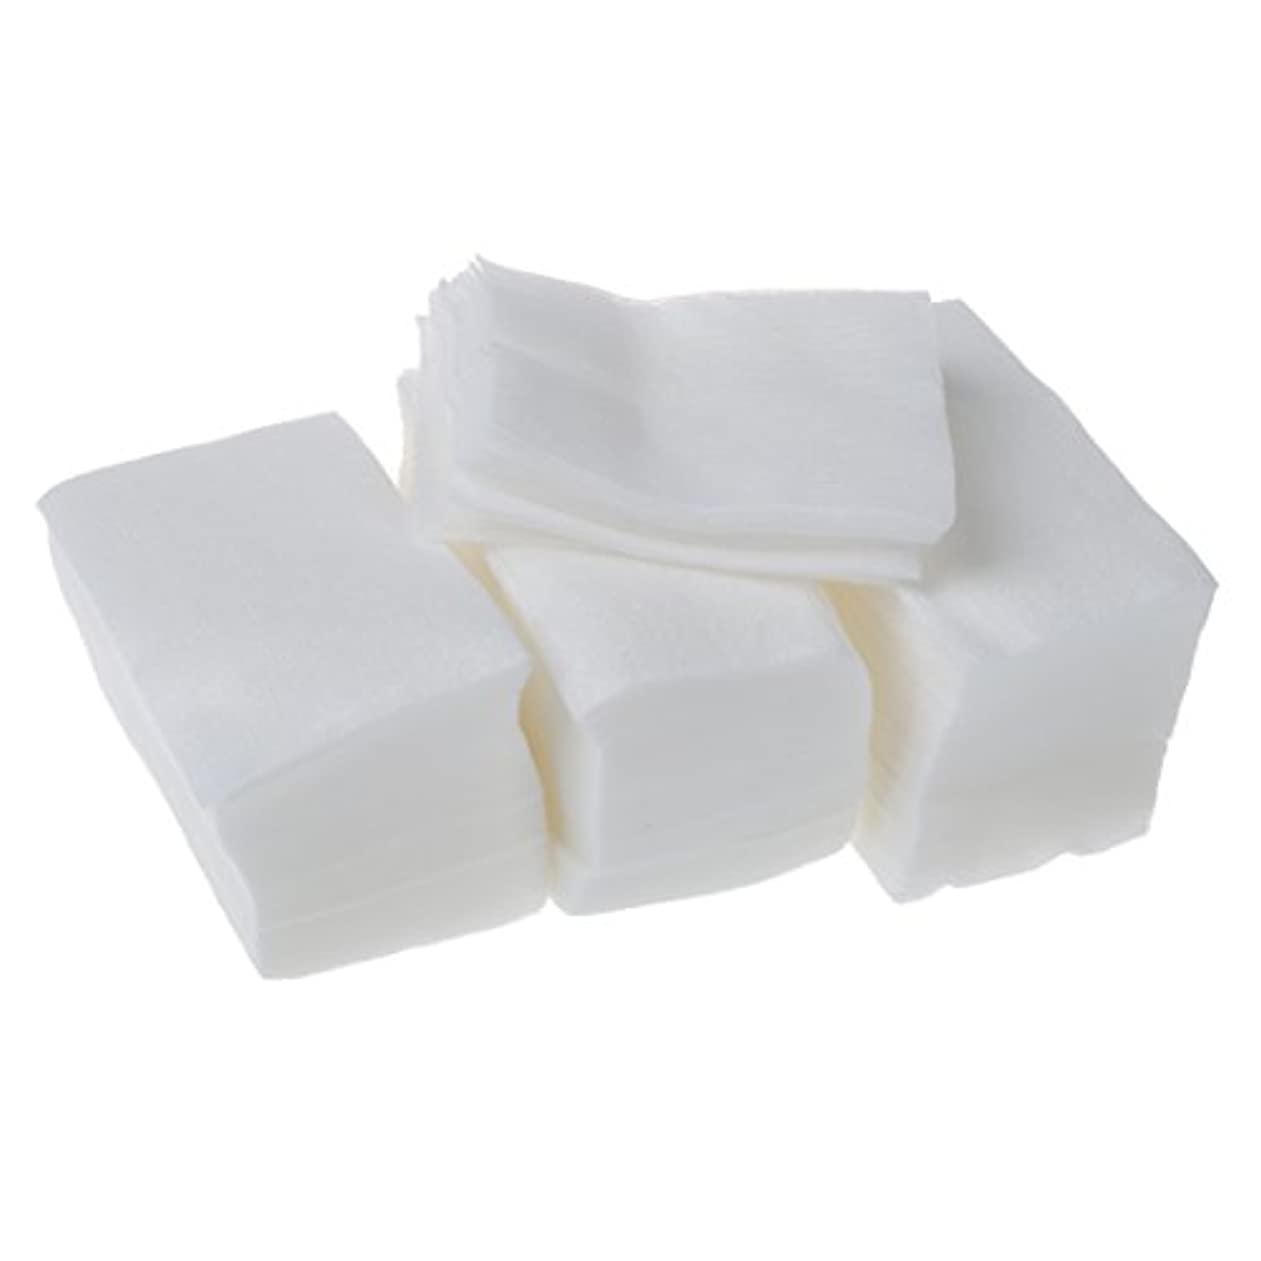 くちばし透ける滴下AFBEST 320個 レディ ホワイト ネイルポリッシュリムーバ 長方形フェイスクリーニング コットンパッド